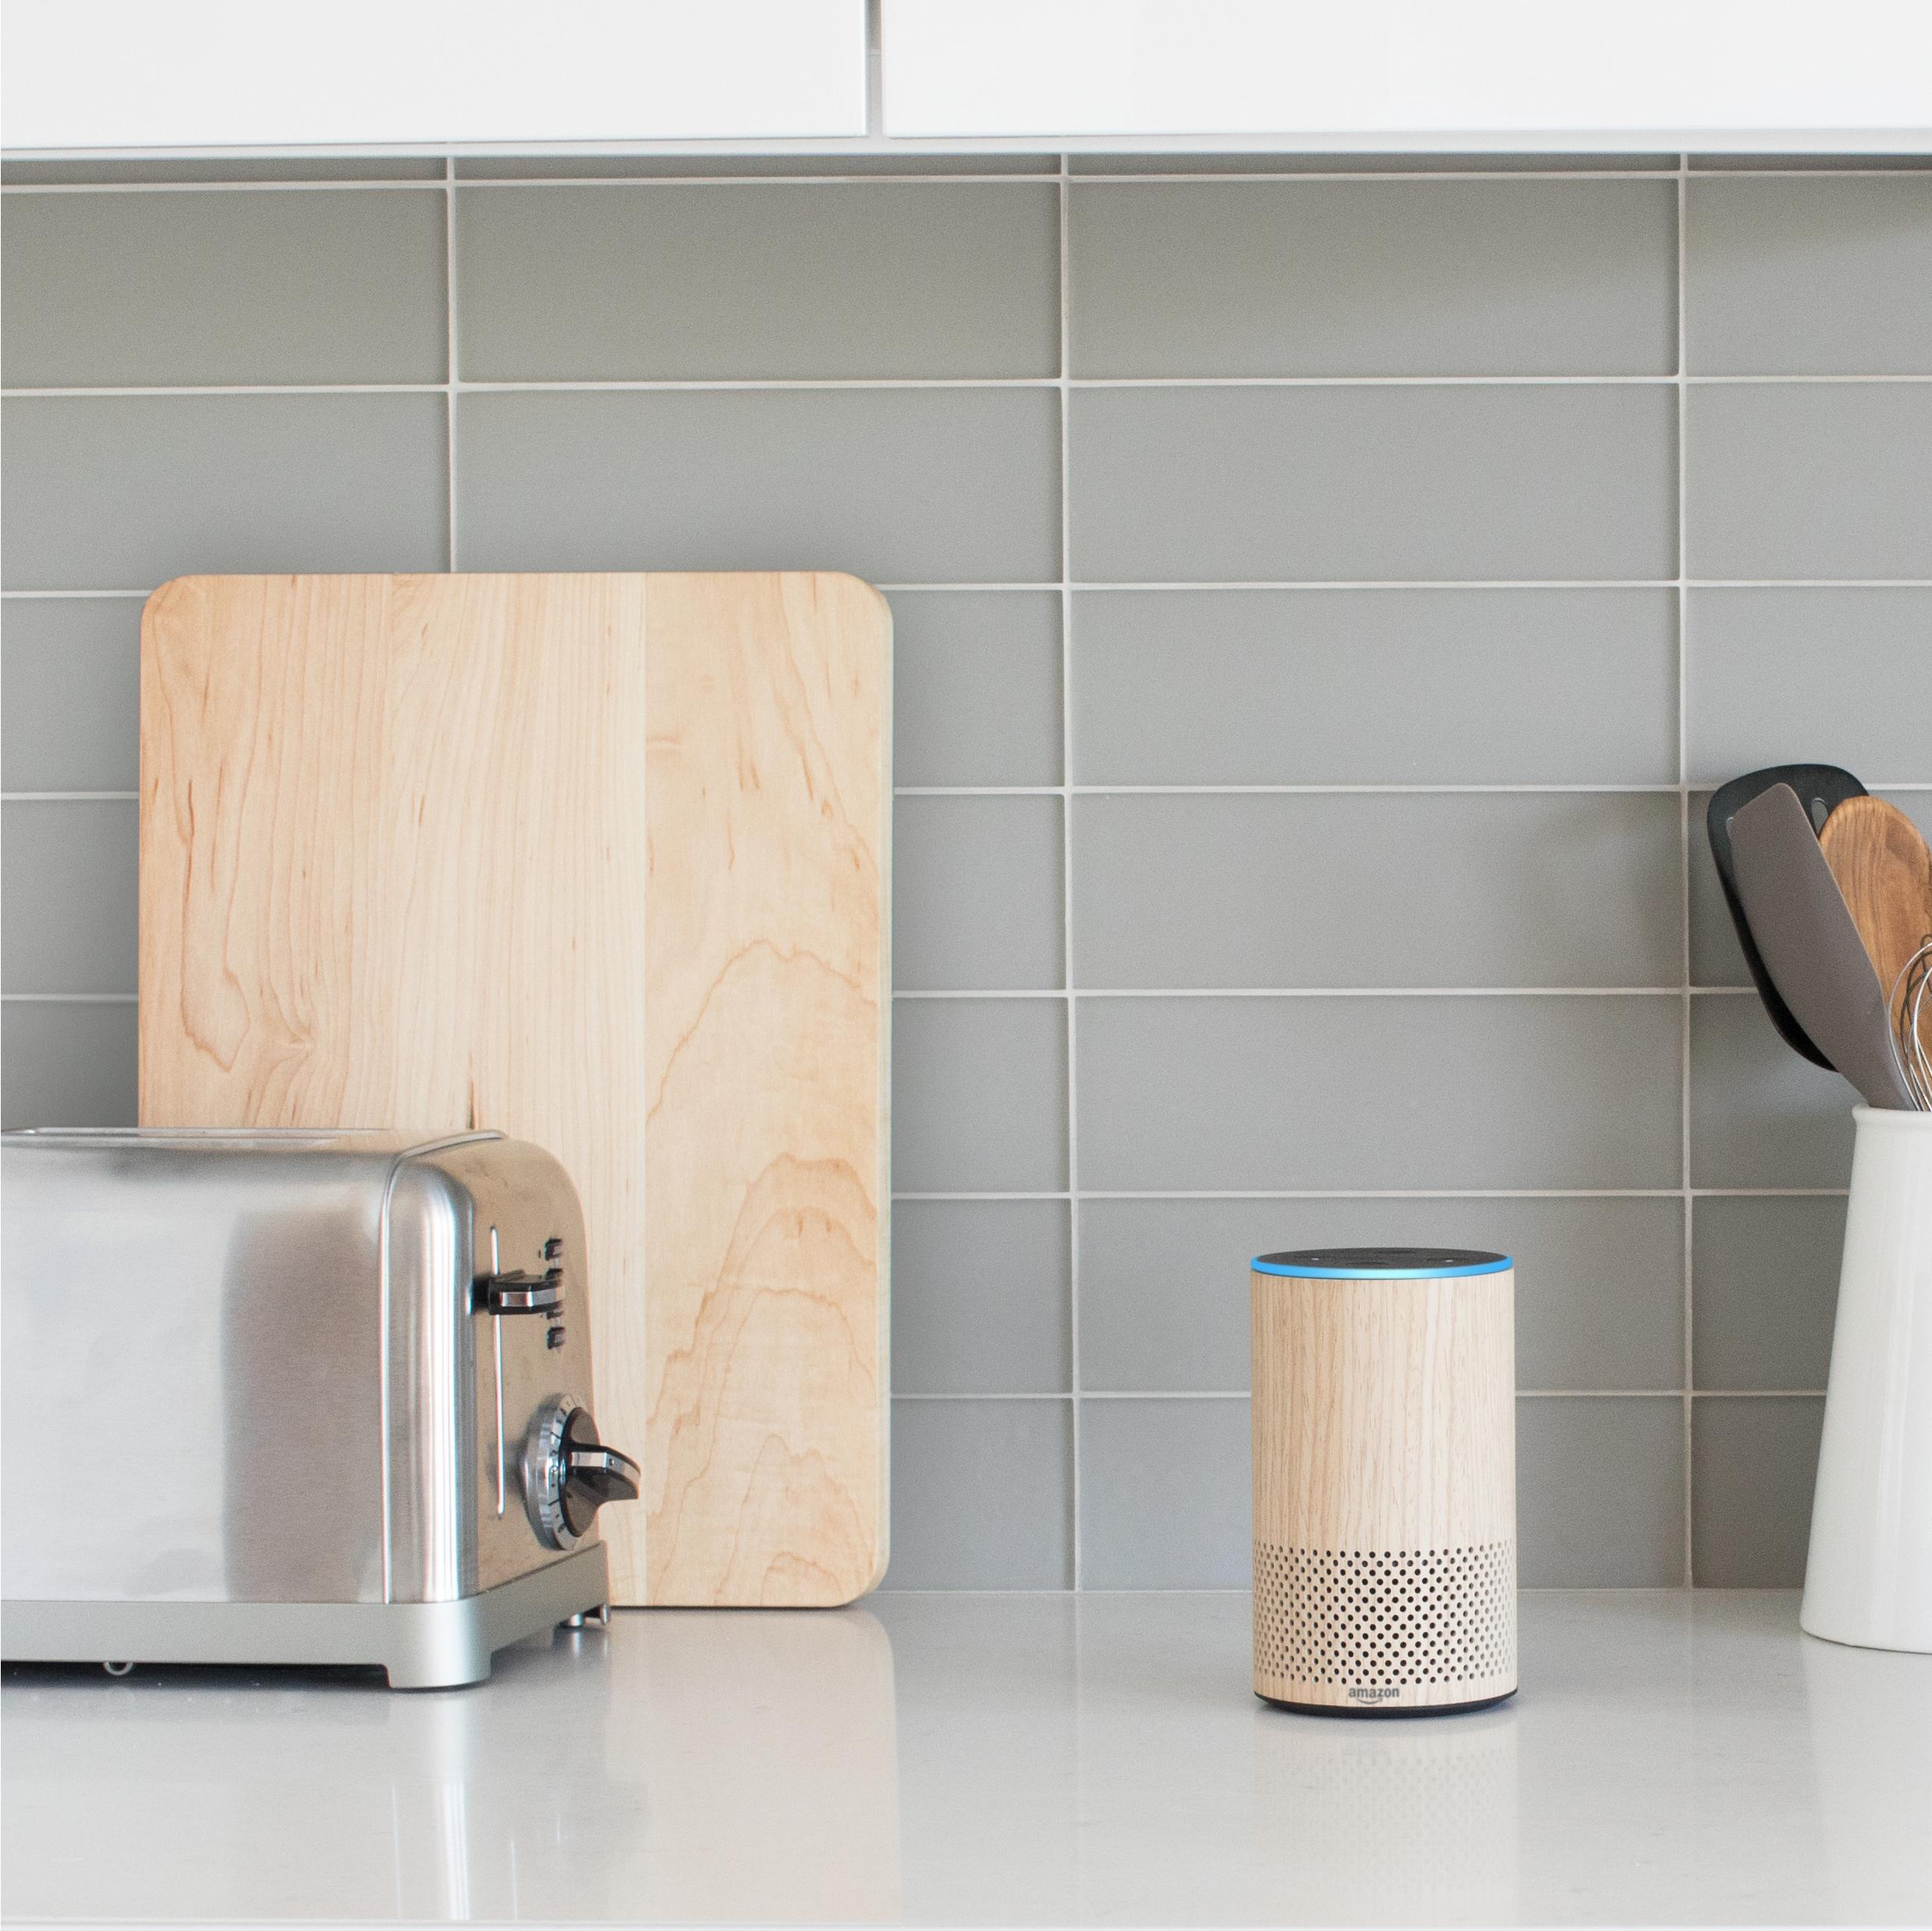 Amazon's new Echo with Alexa, 2017